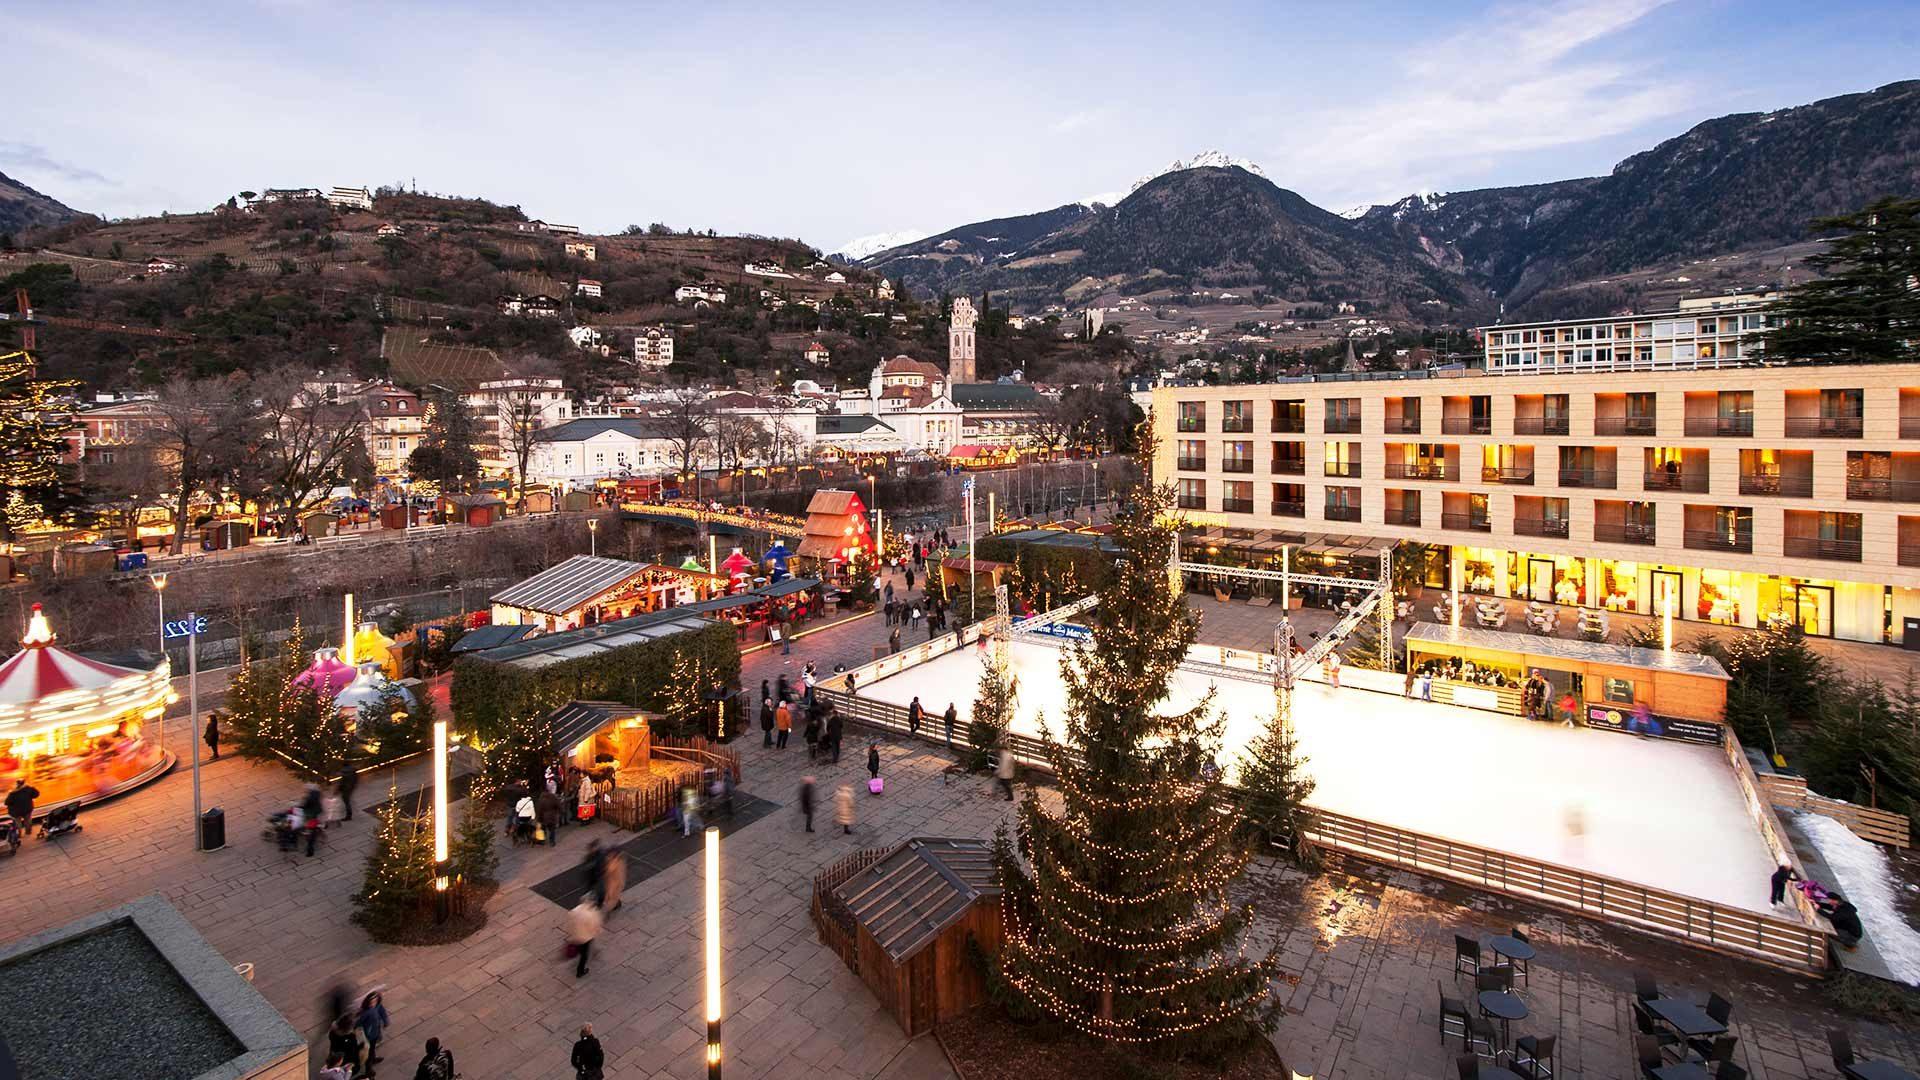 Blick zum Weihnachtsmarkt Meran